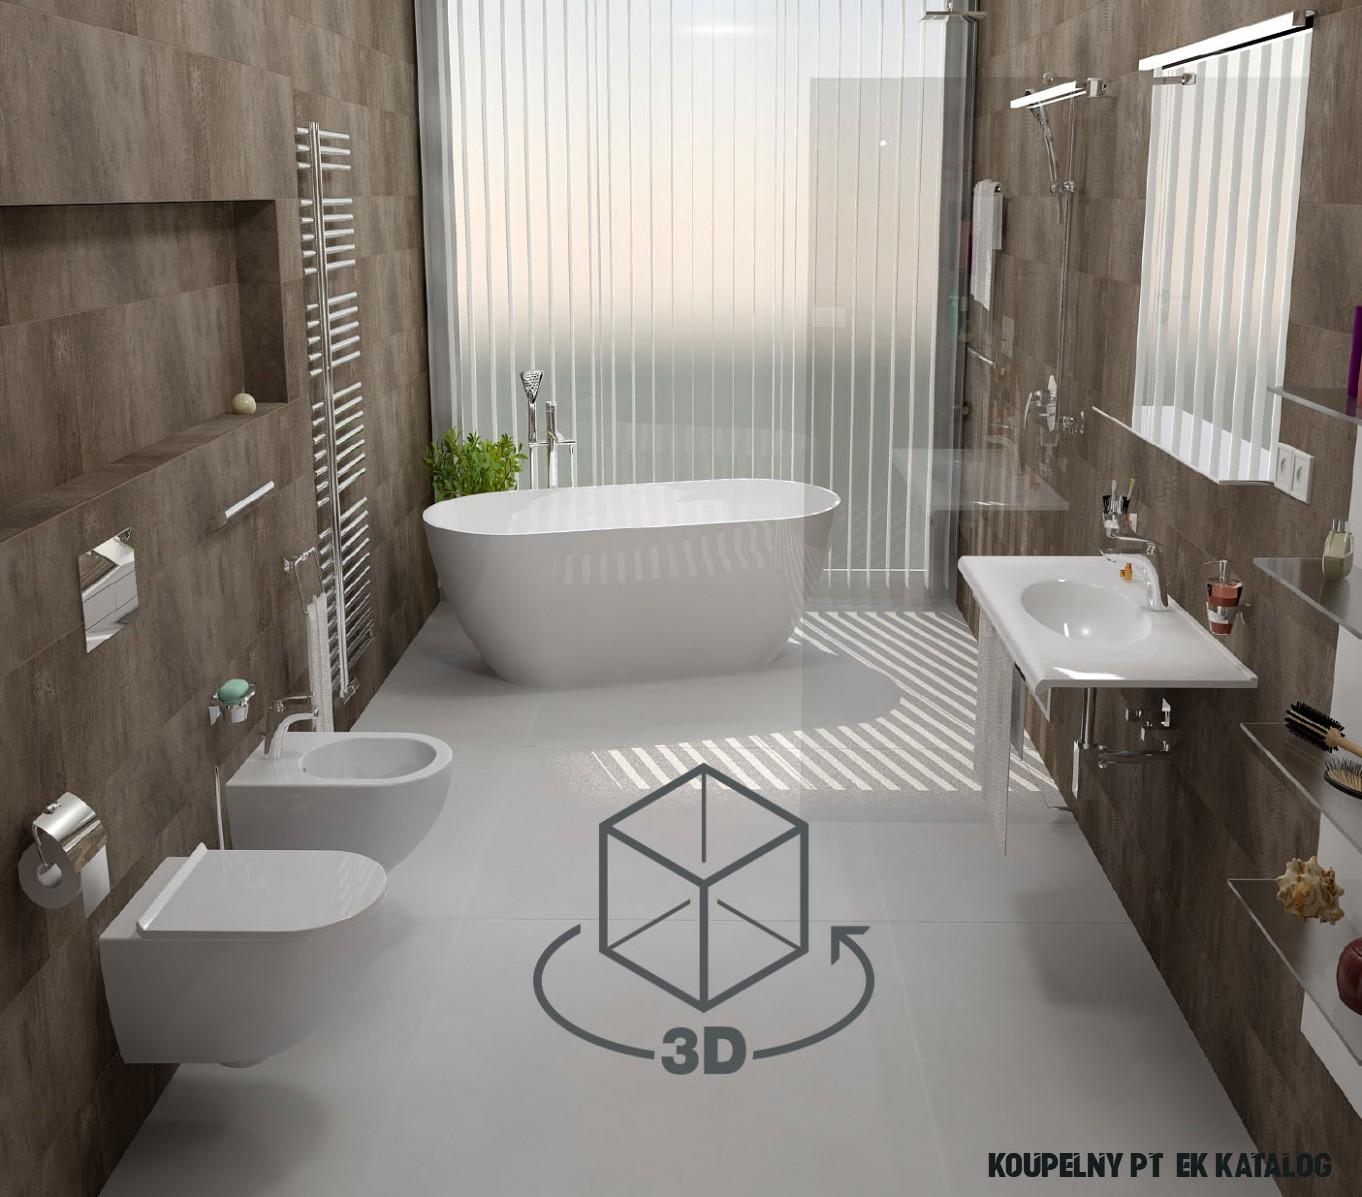 Koupelny Ptáček - kolekce koupelen, koupelny na míru